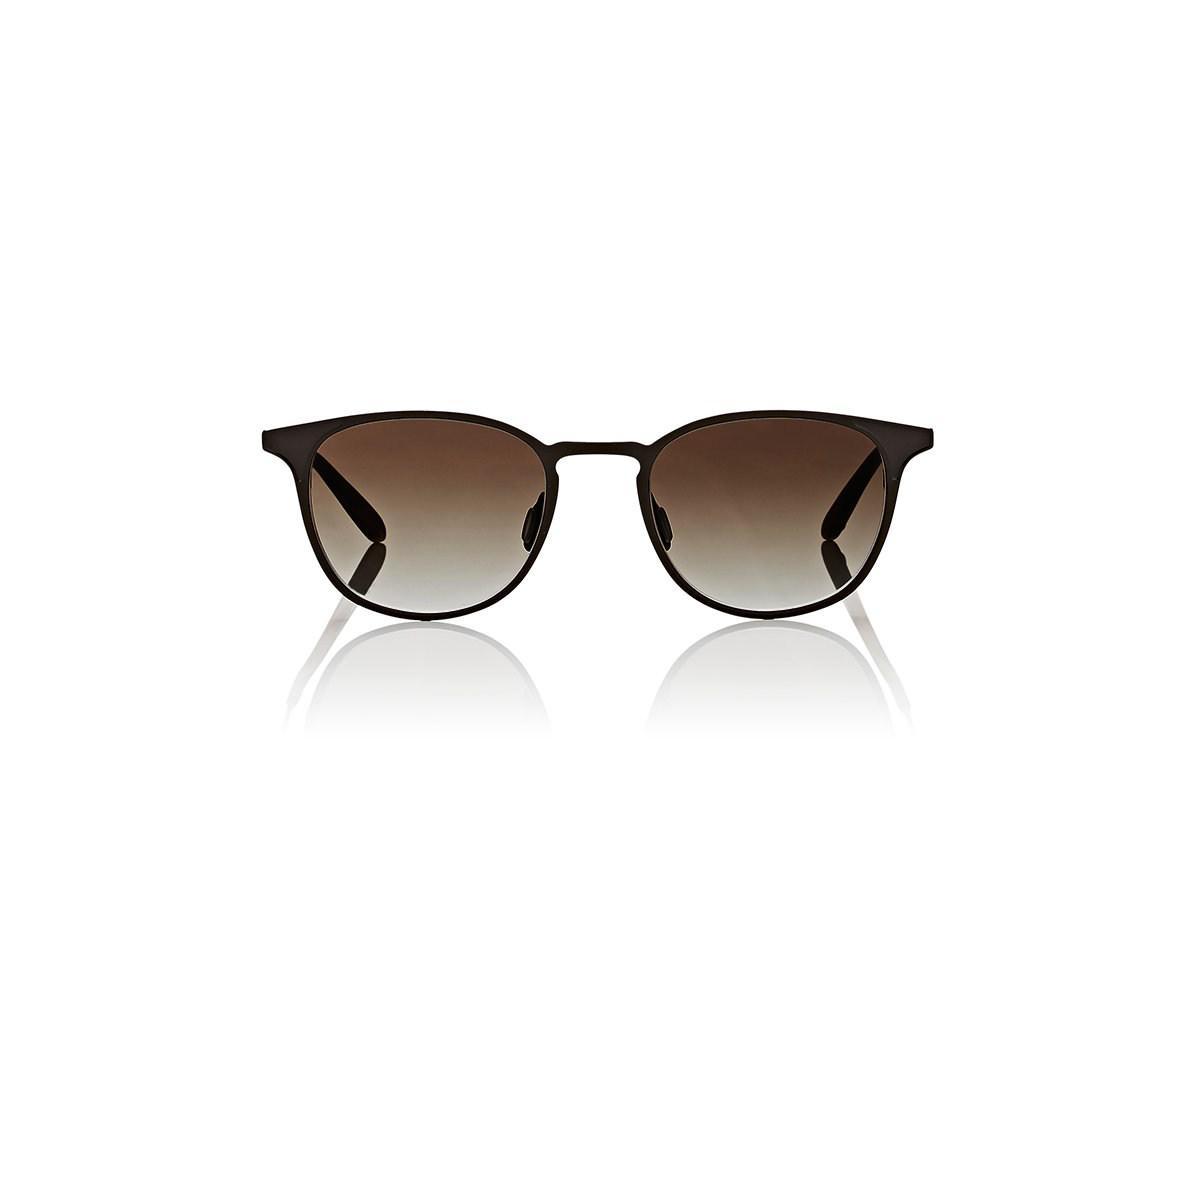 dbf3b52159 Garrett Leight Kinney M Sunglasses in Brown for Men - Lyst